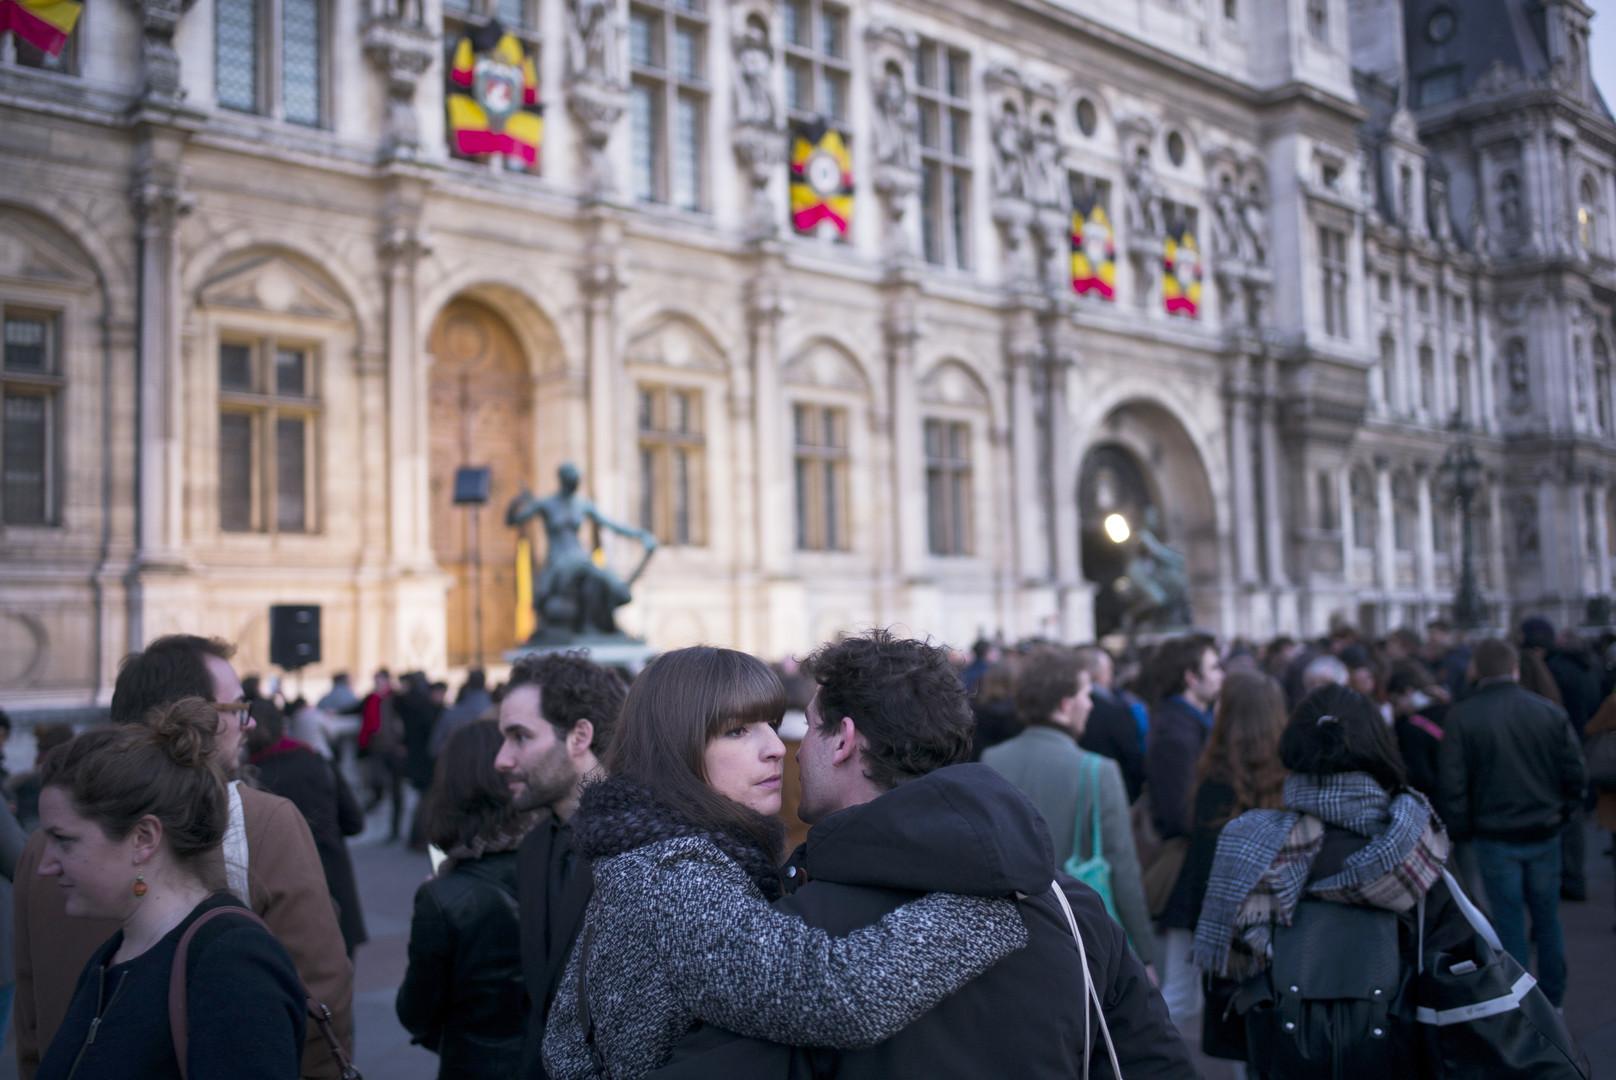 Les villes européennes aux couleurs belges en hommage aux victimes de Bruxelles (PHOTOS)